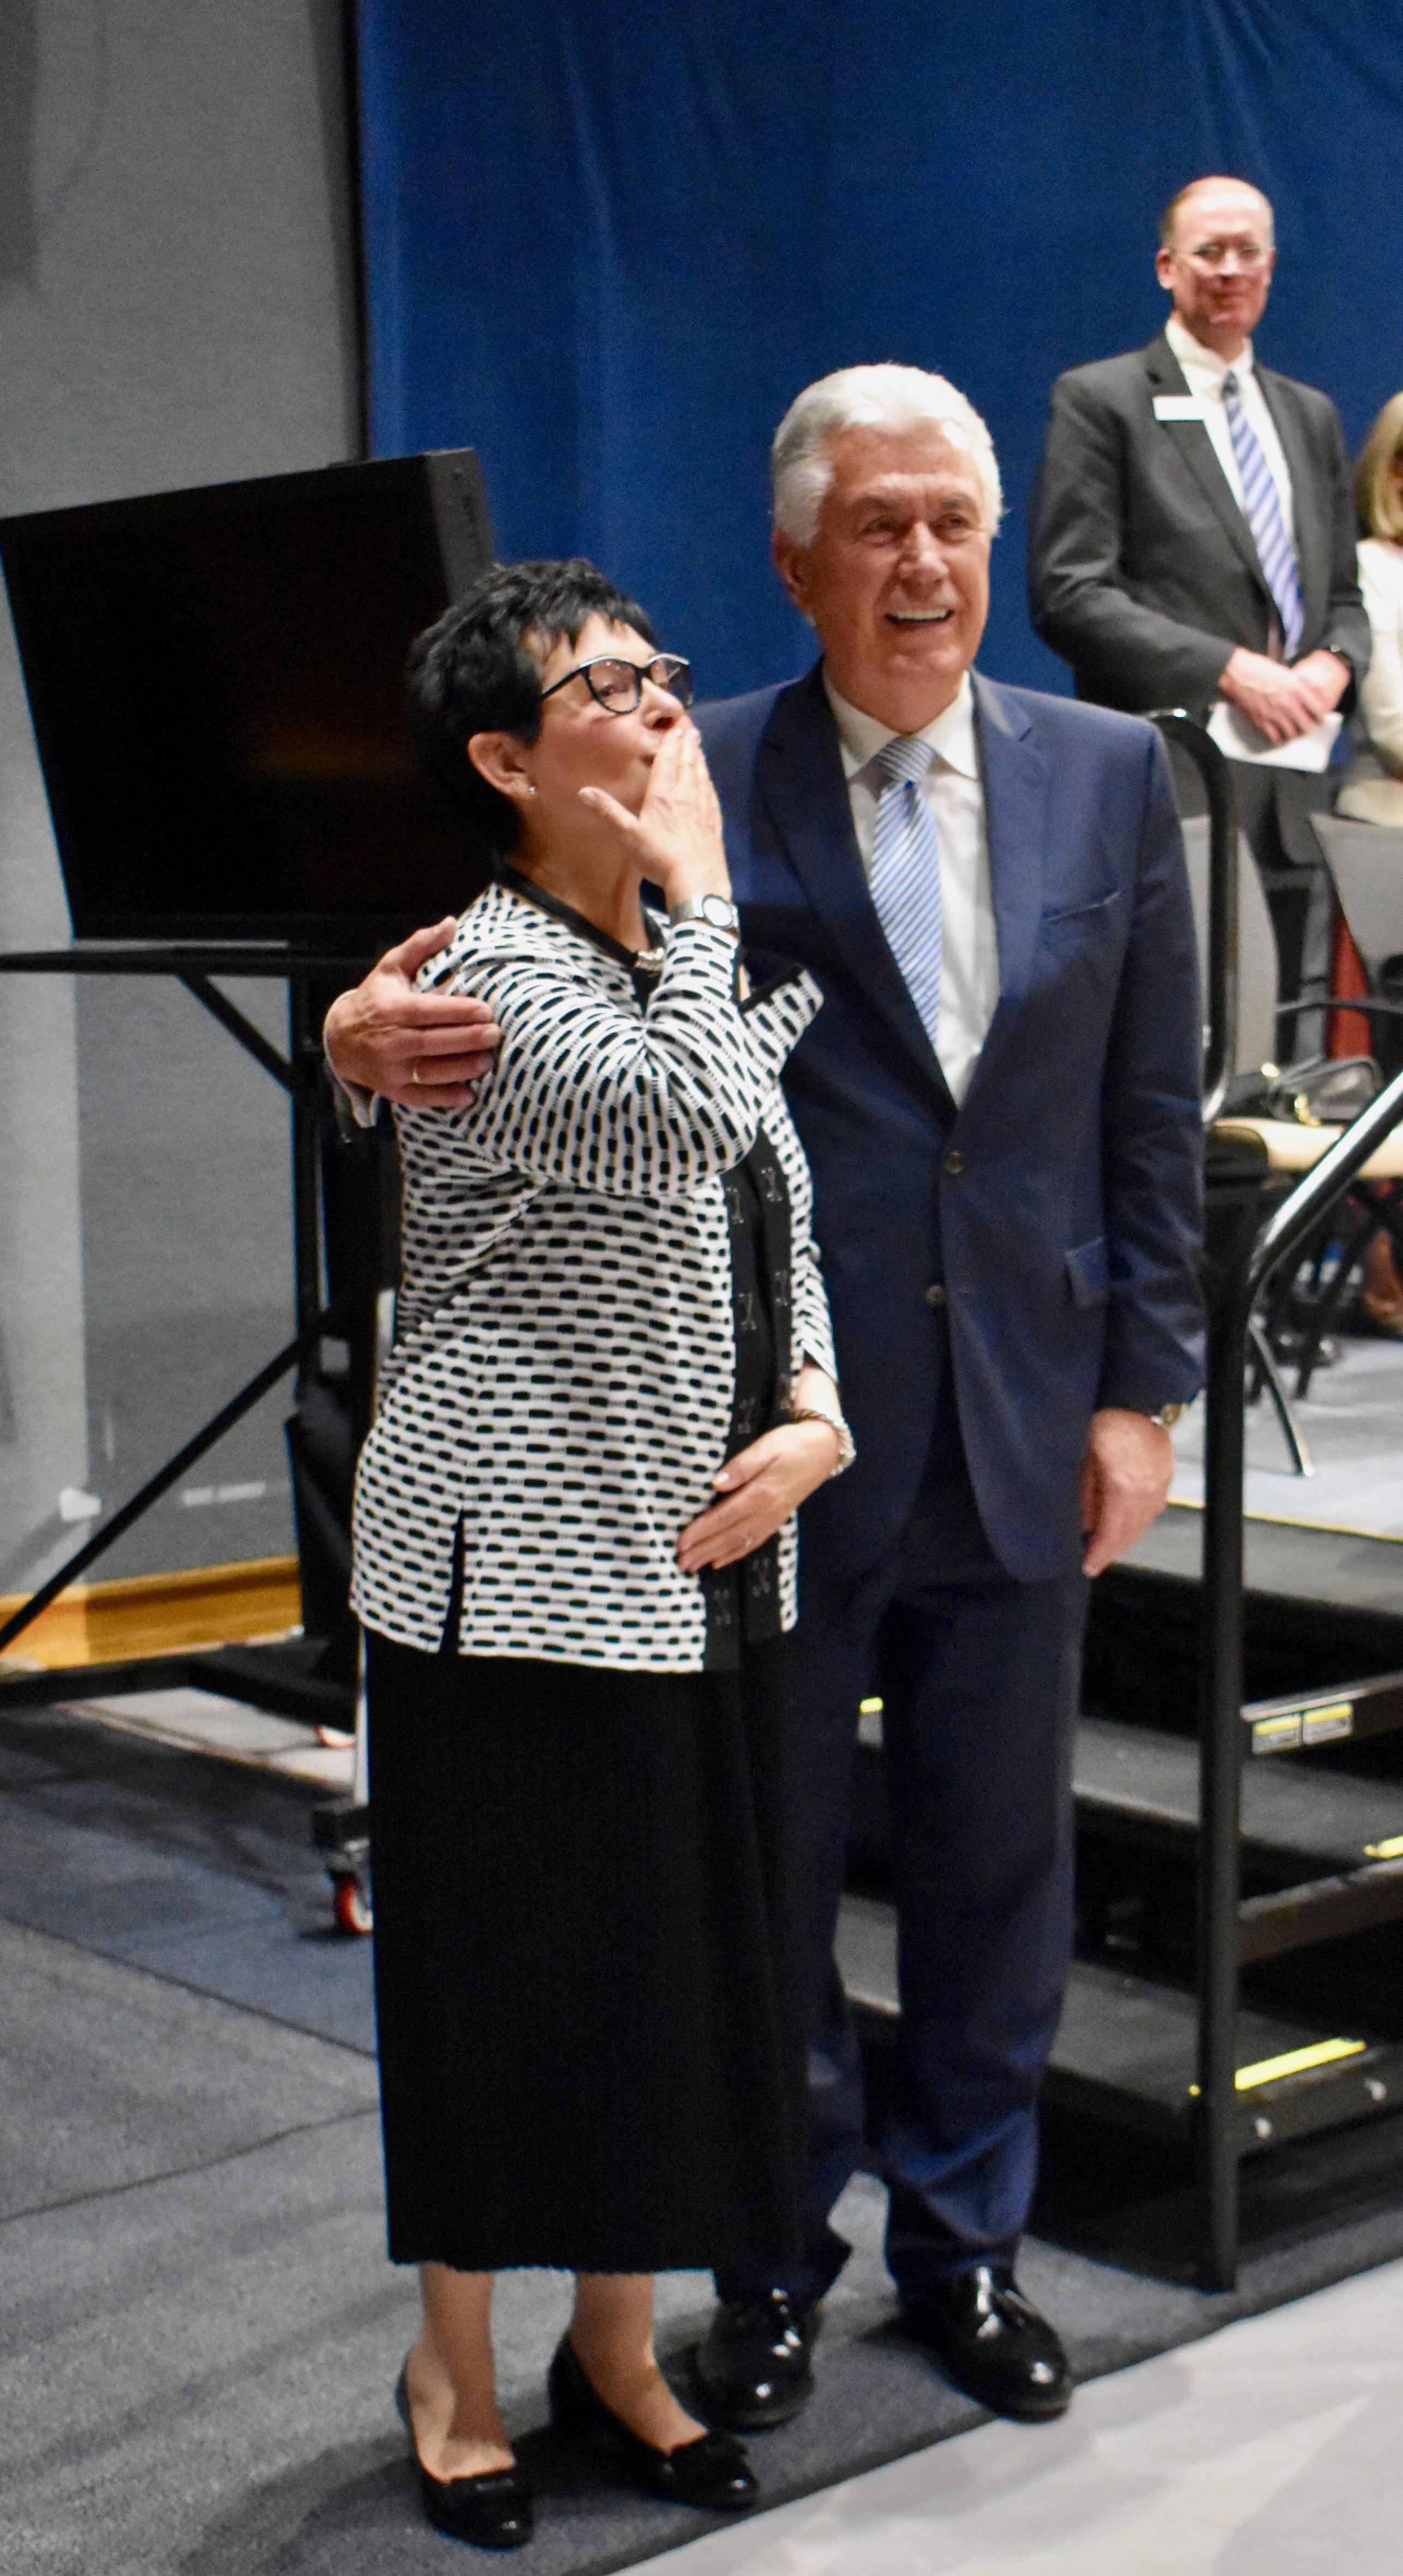 La hermana Harriet Uchtdorf envía un beso en el aire para los misioneros luego del devocional con su esposo, el élder Dieter F. Uchtdorf, el 5 de noviembre de 2019, en el Centro de Capacitación Misional de Provo.